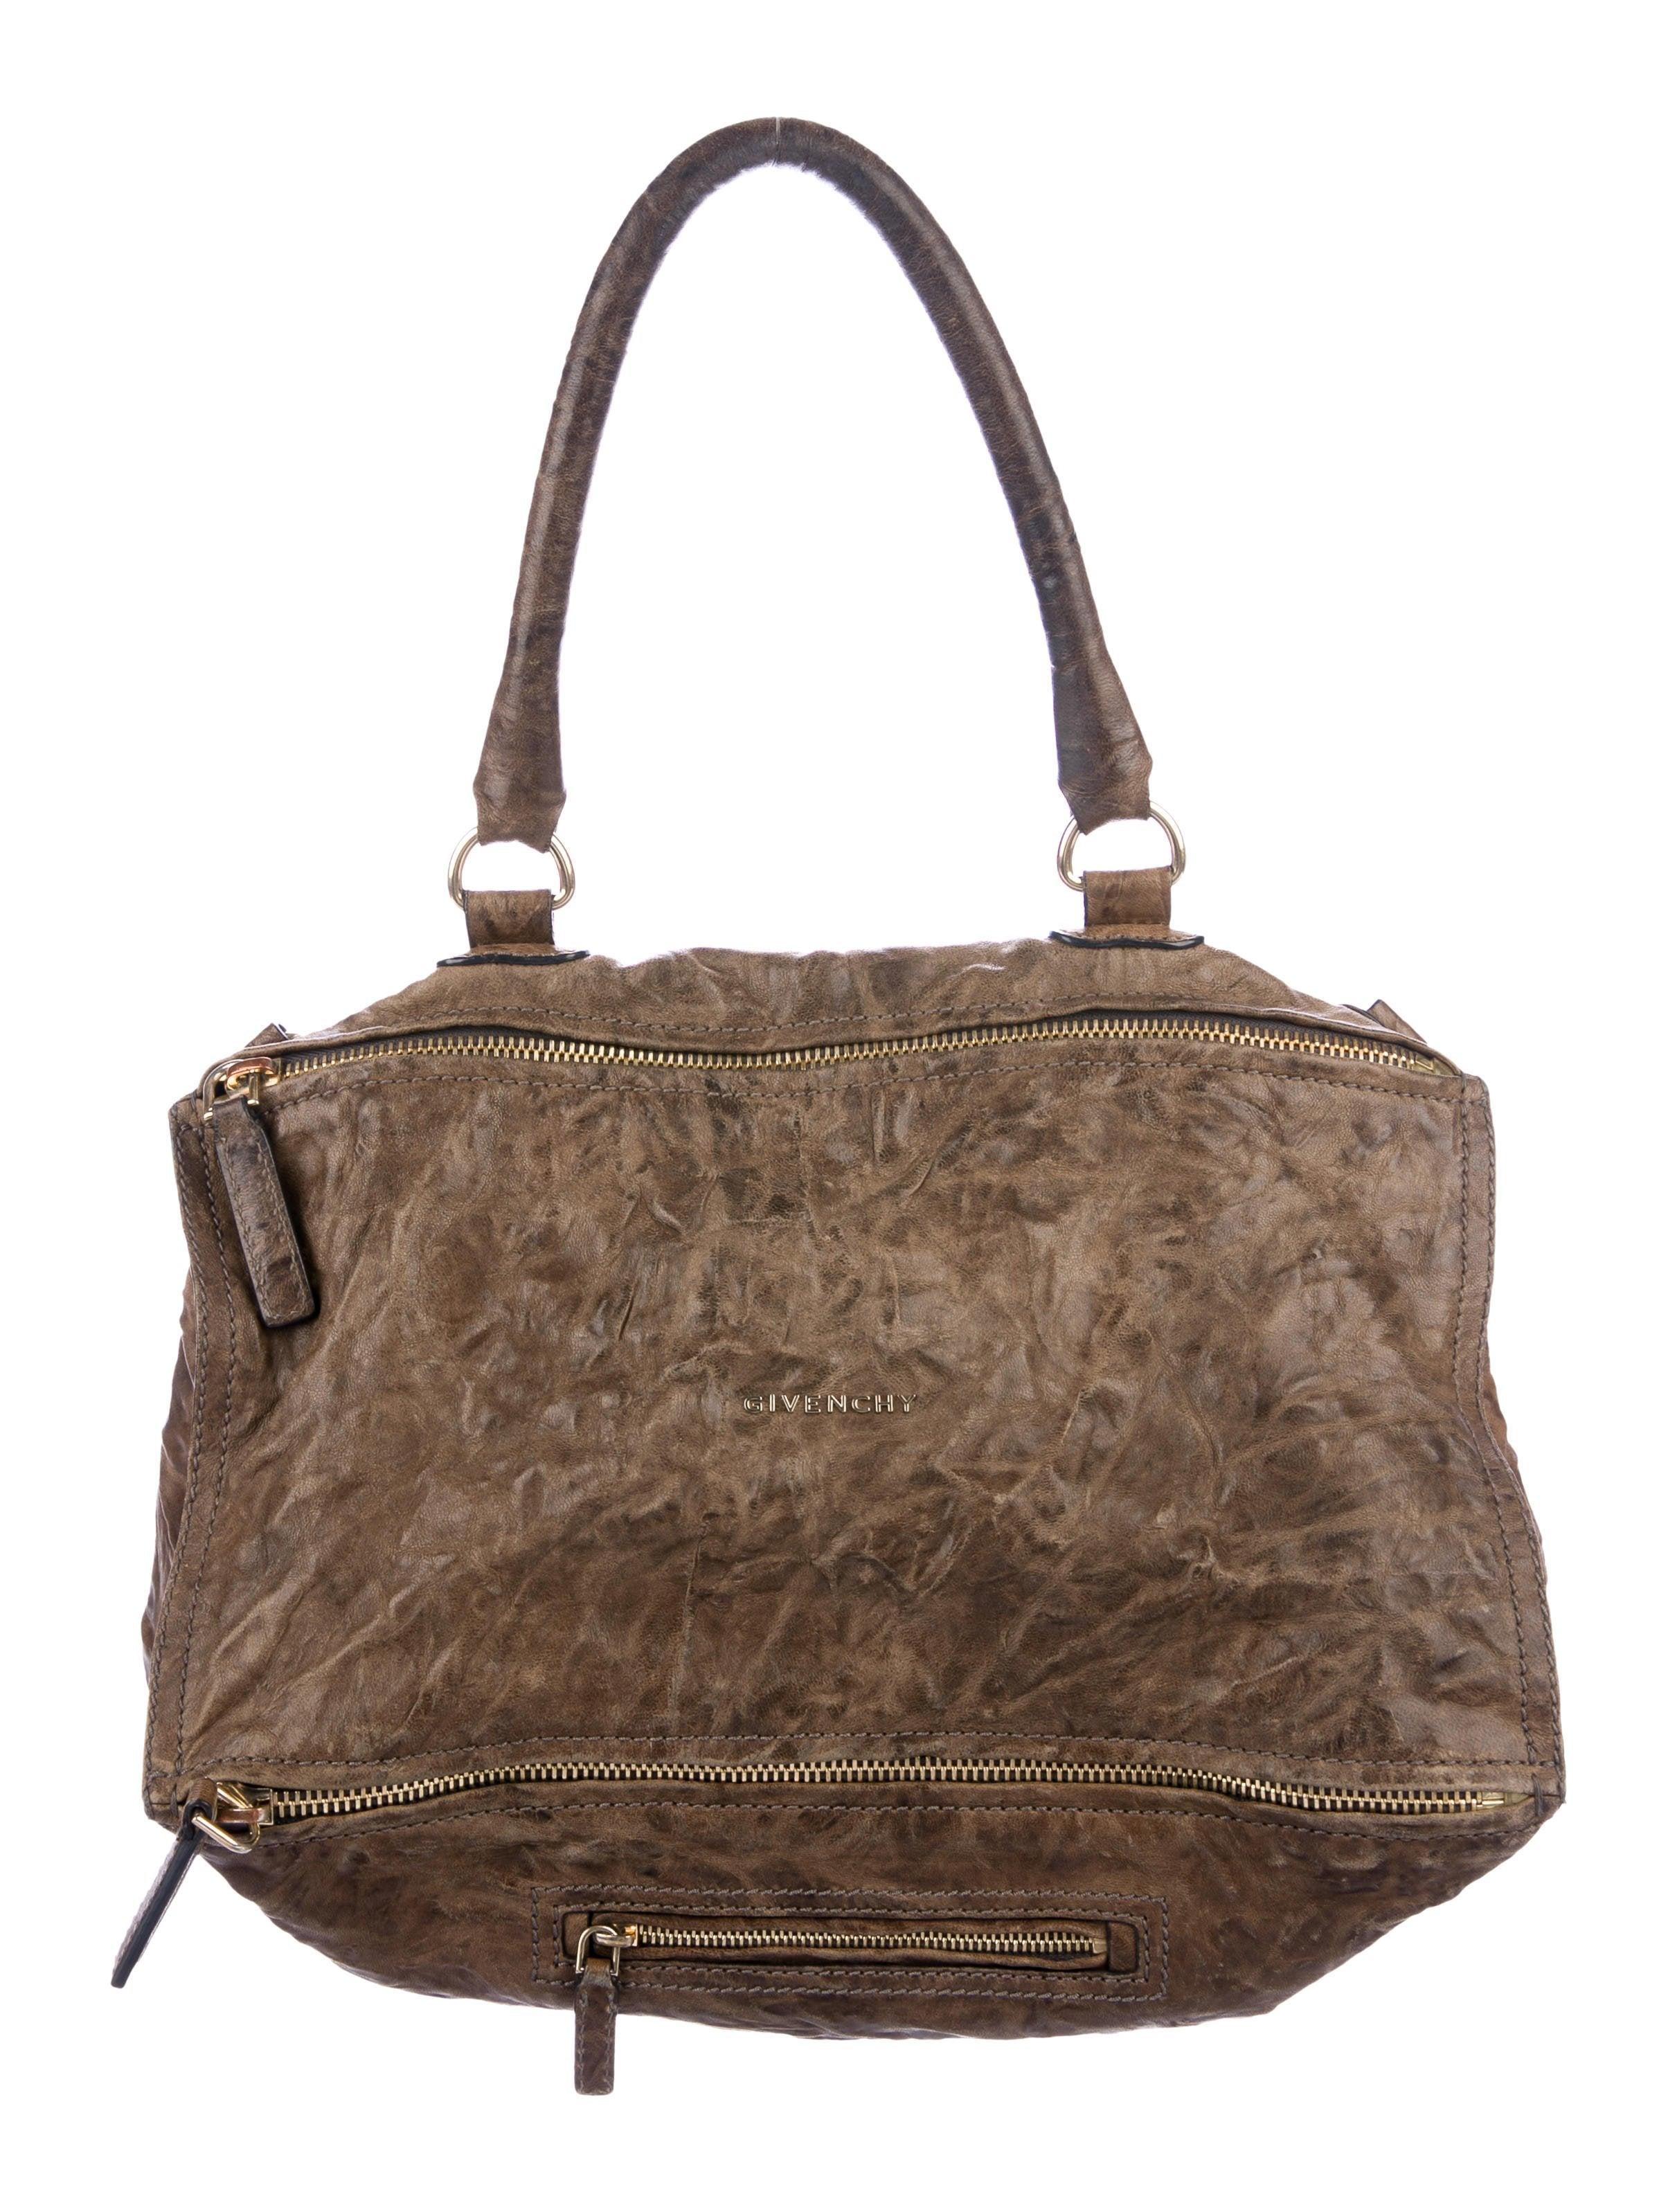 bd1b65d867d2 Handbags